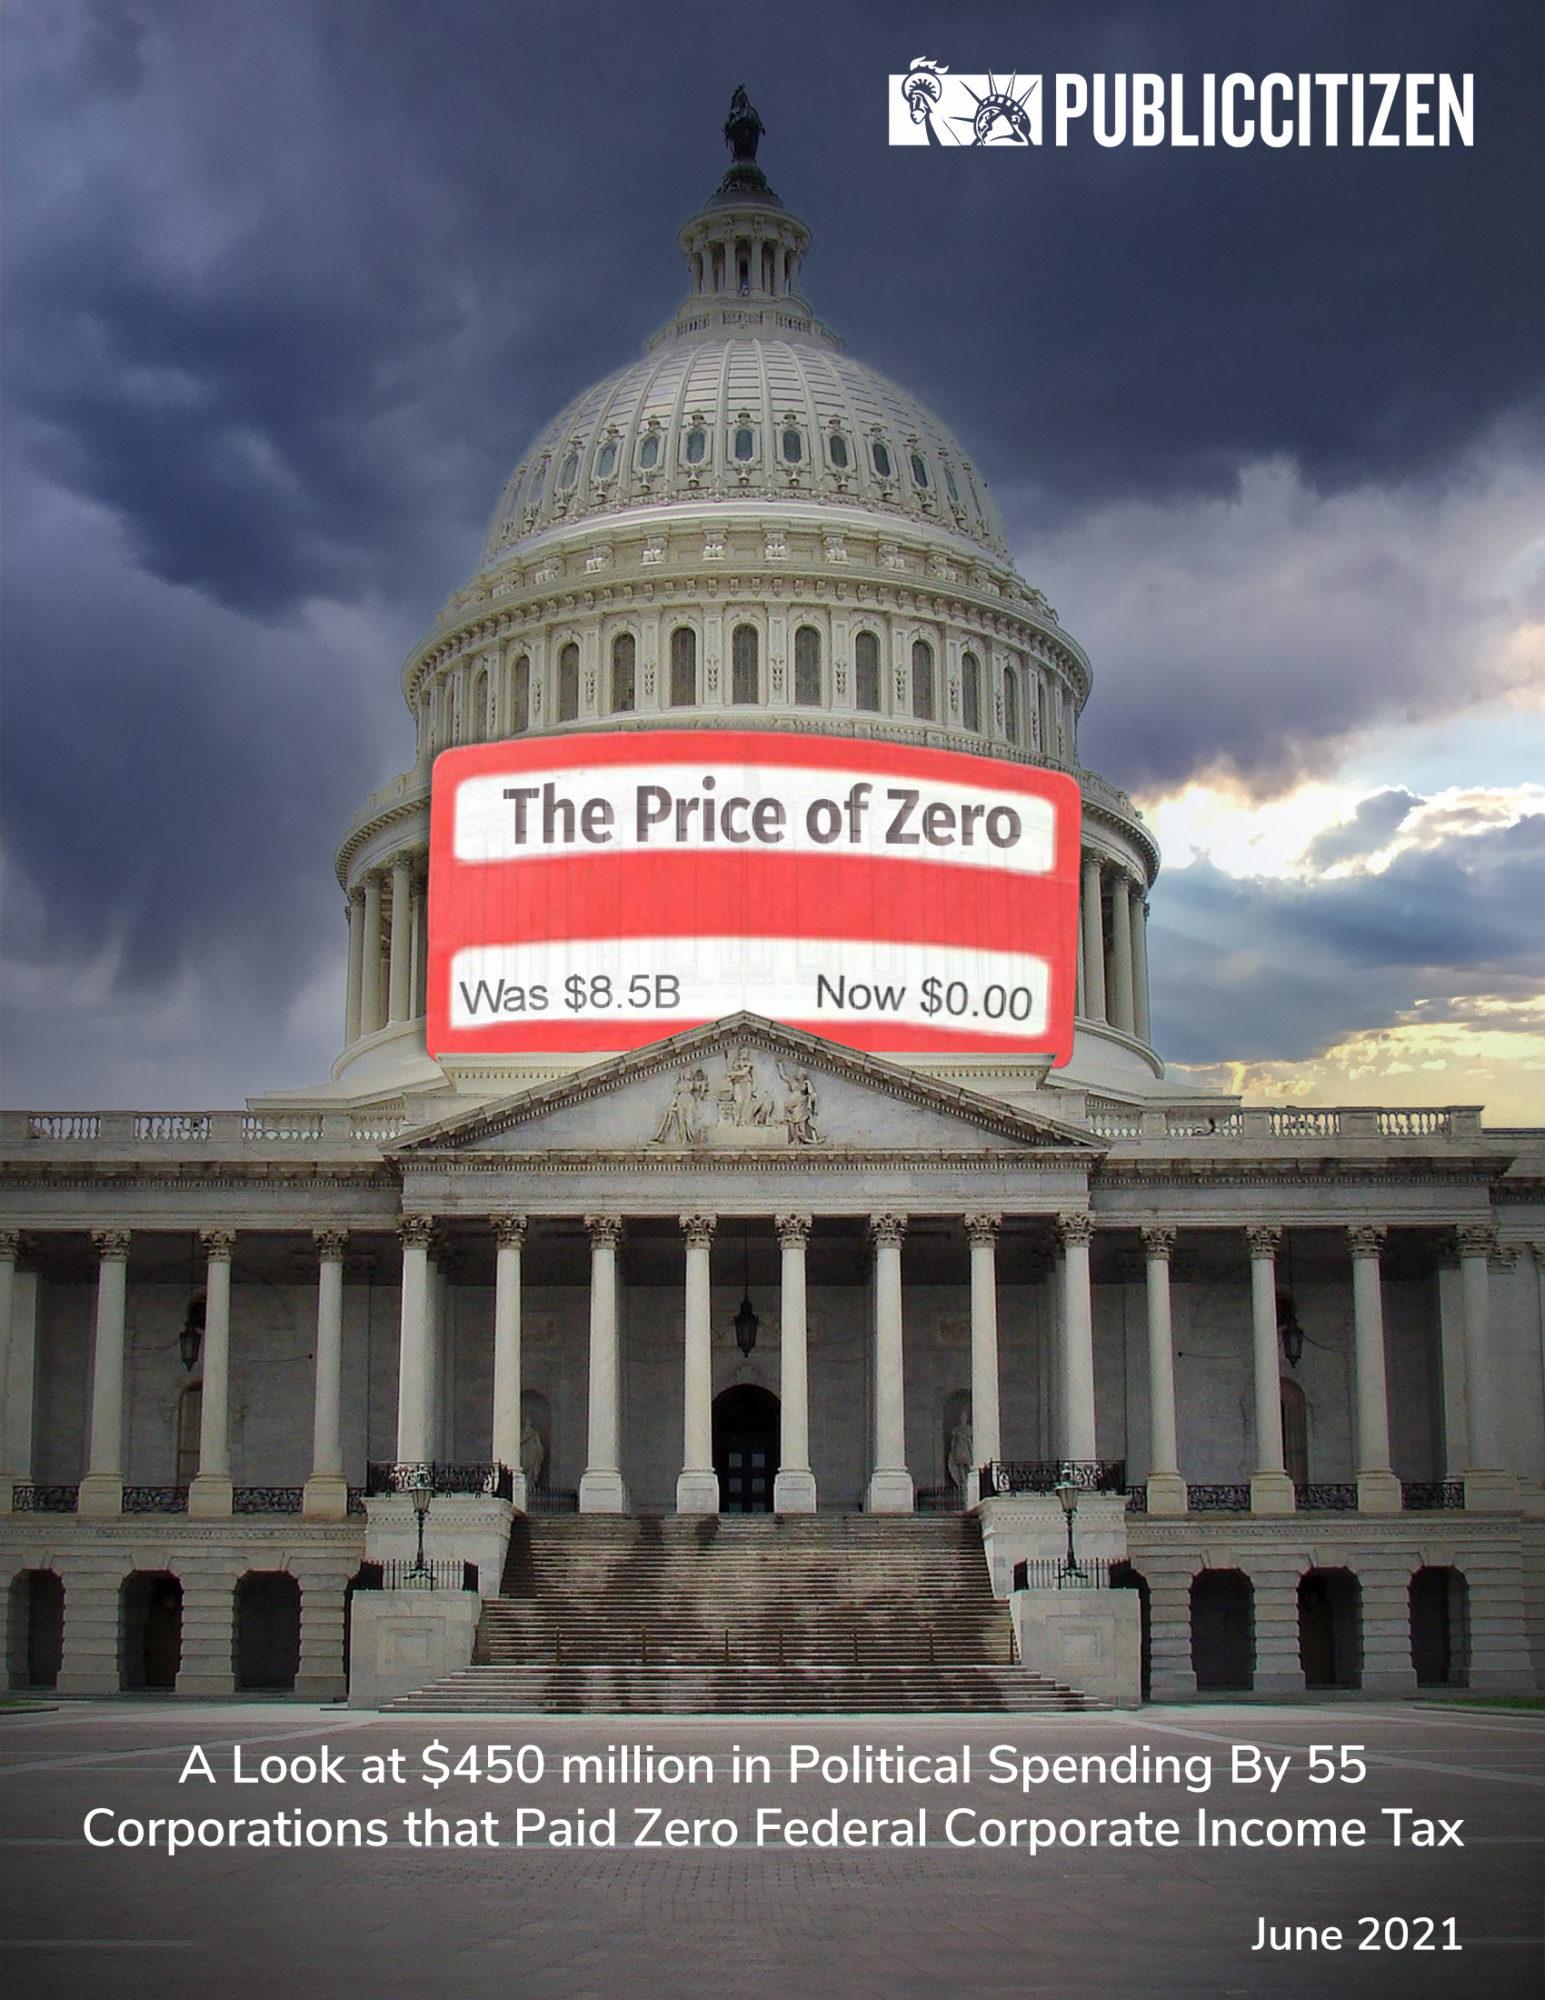 The Price of Zero